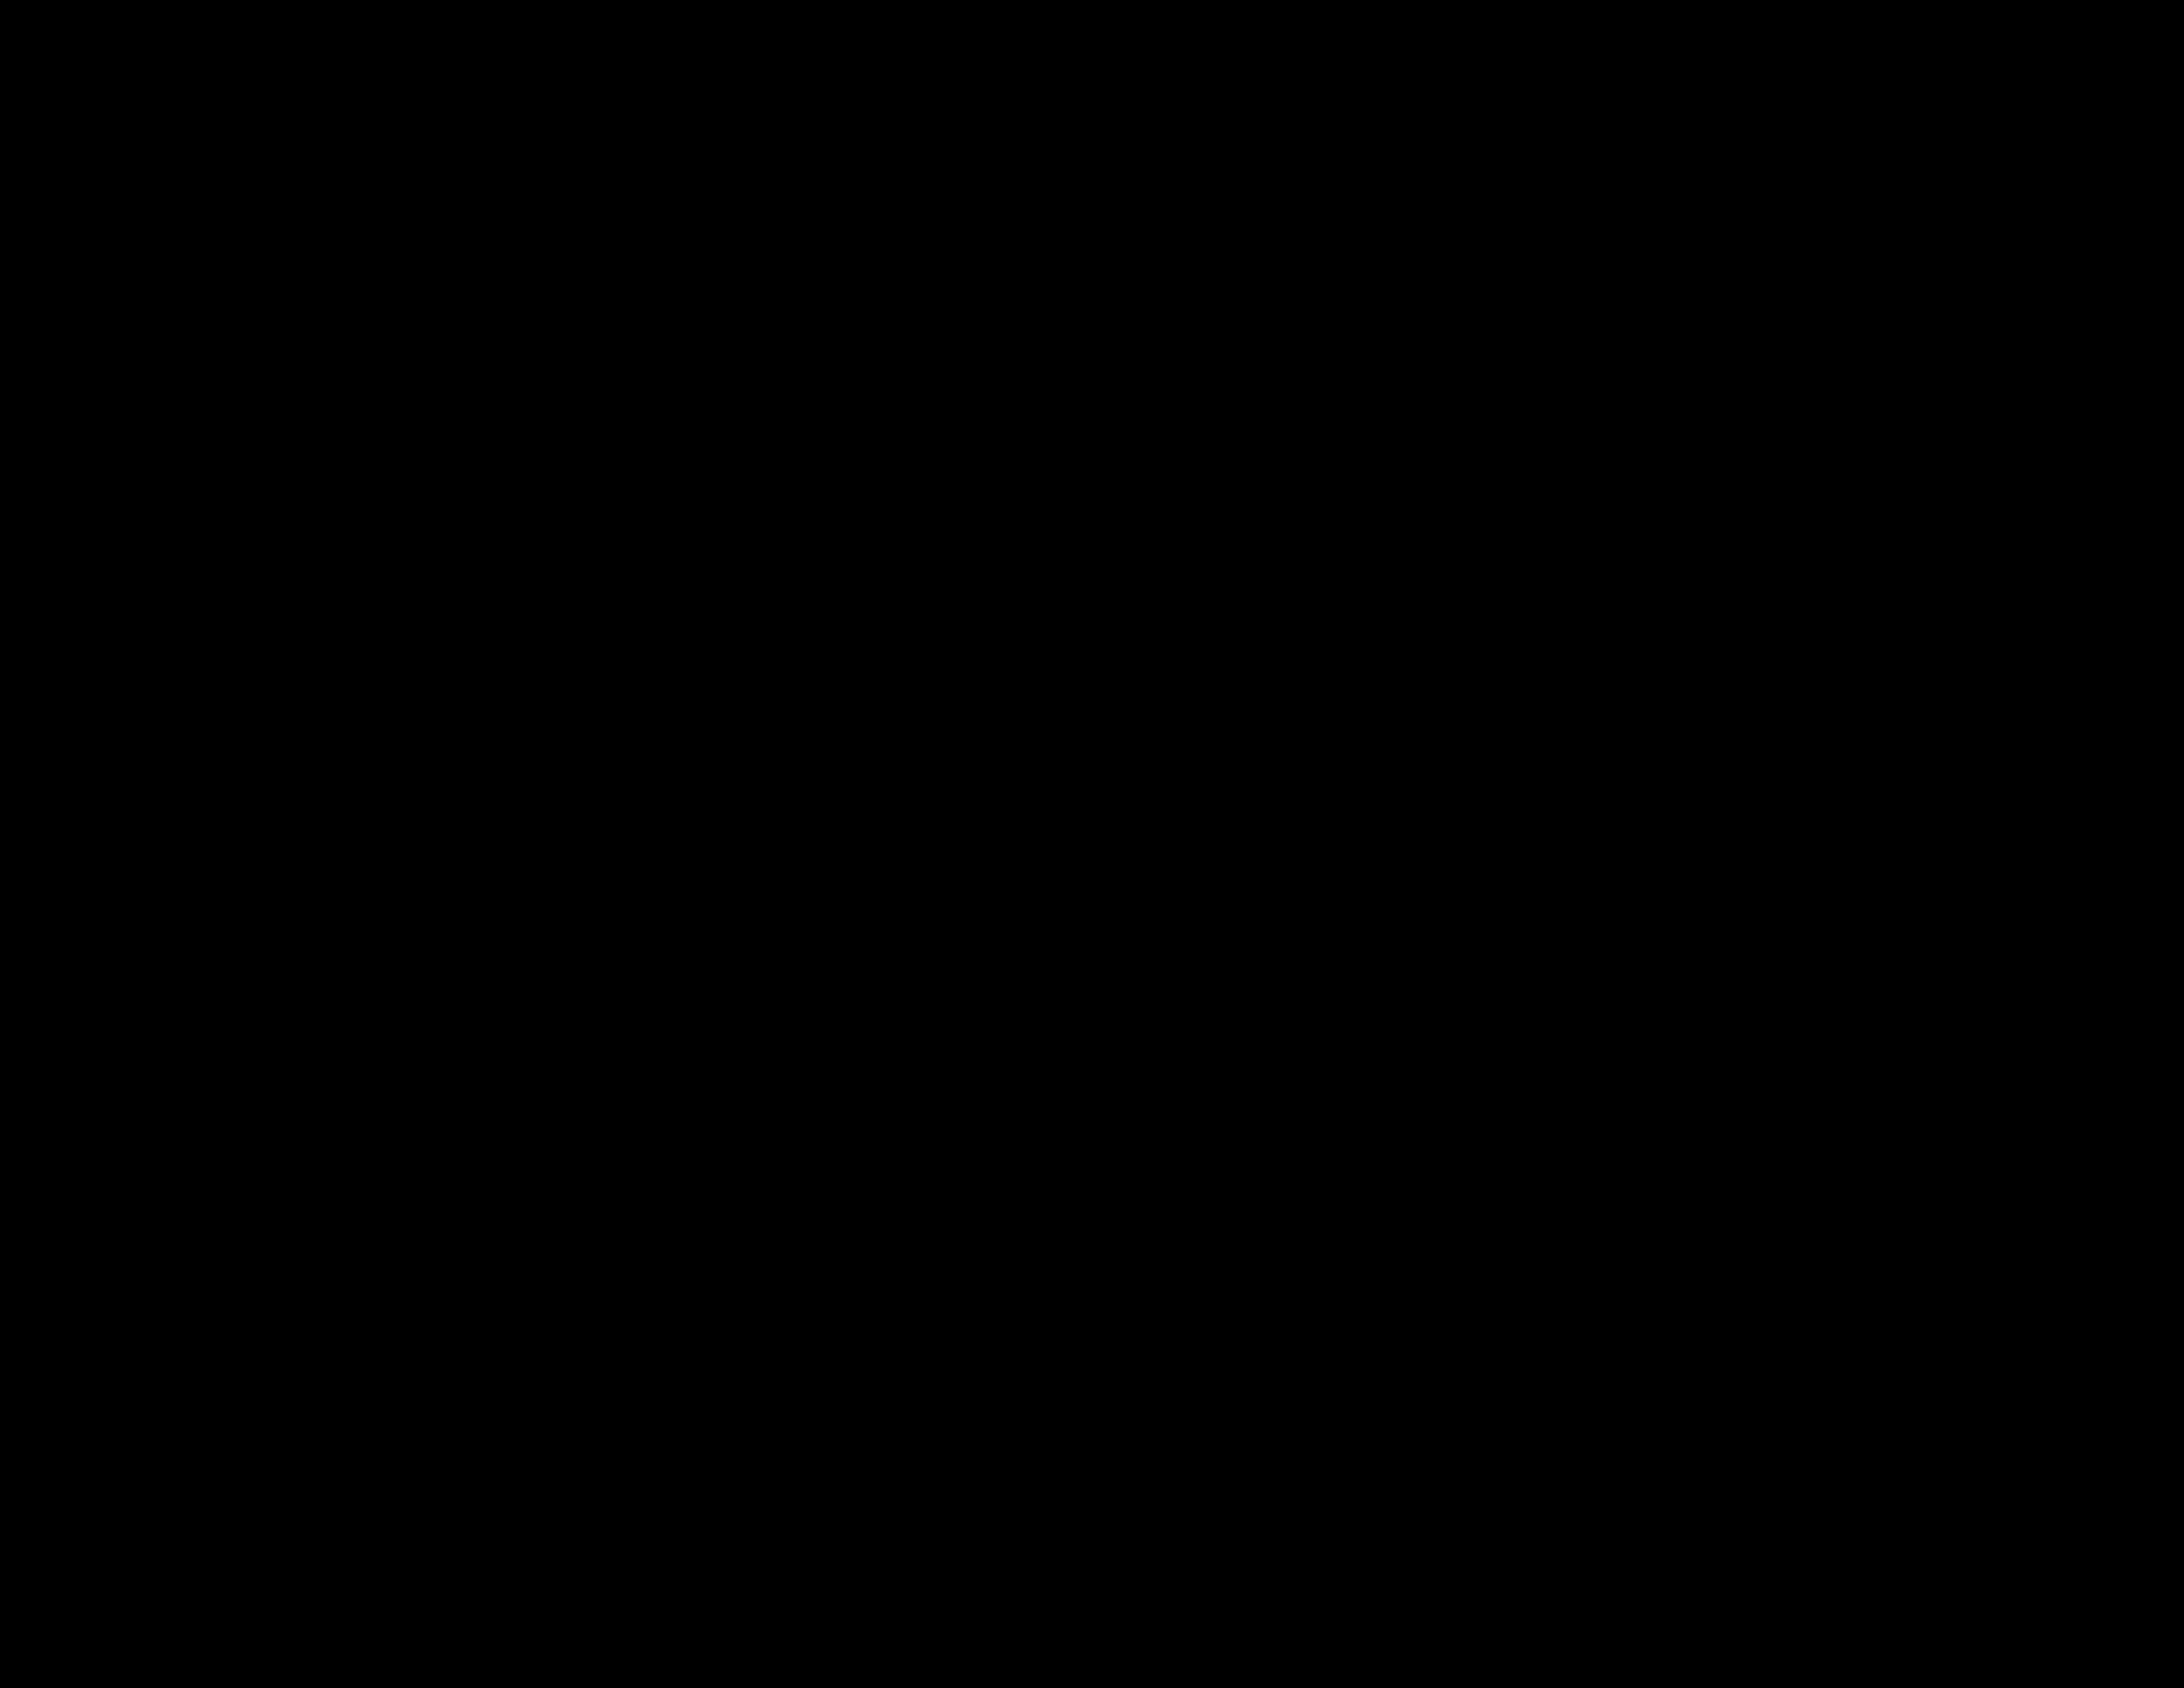 edp-01.png